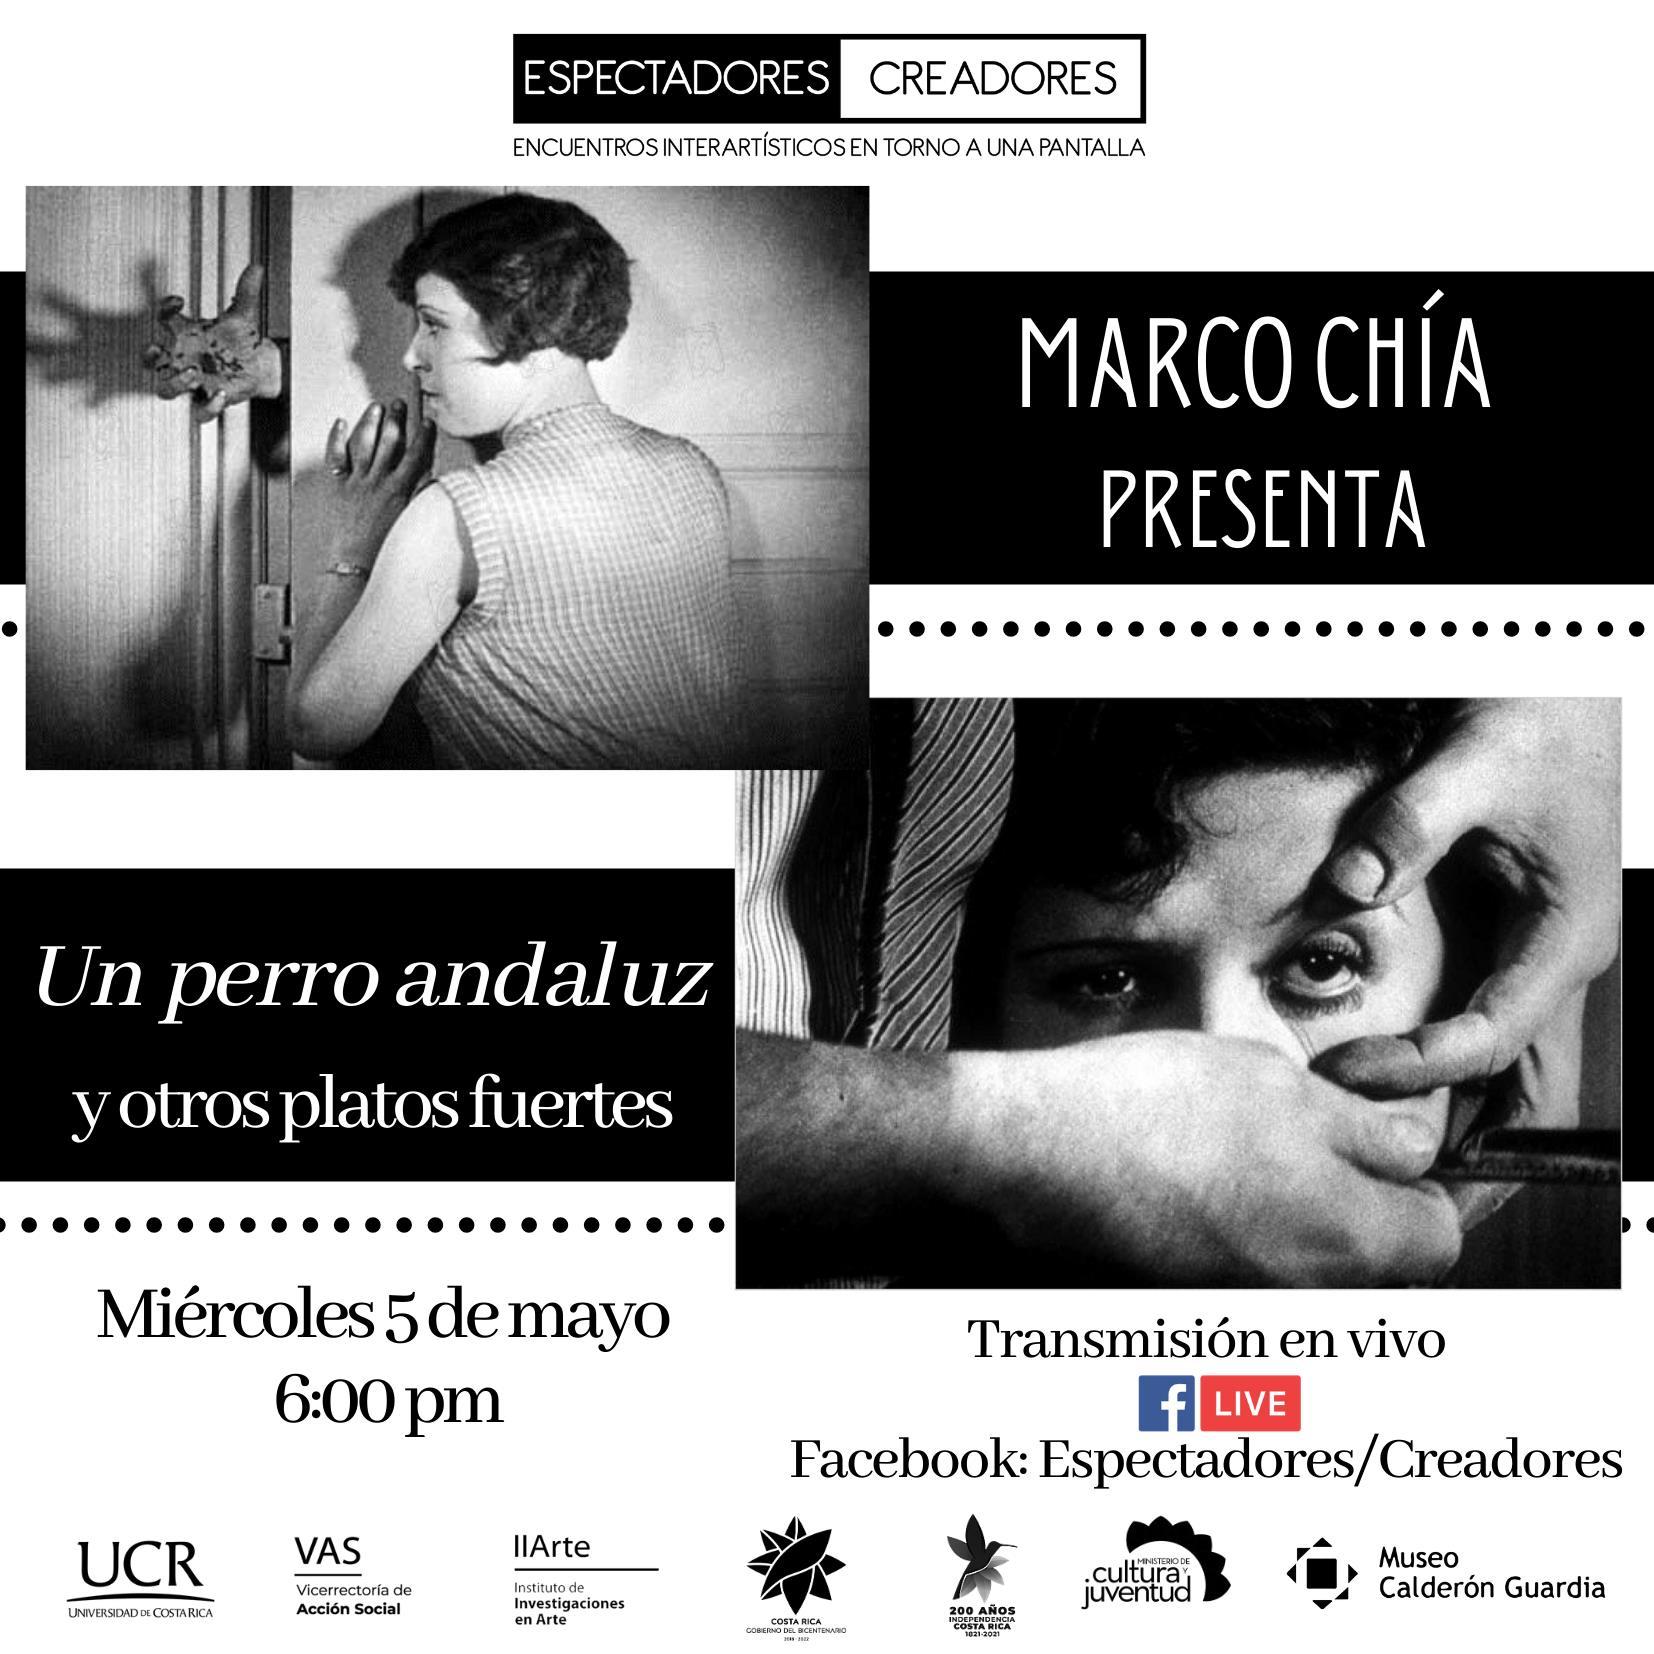 Marco Chía presenta Un perro andaluz y otros platos fuertes